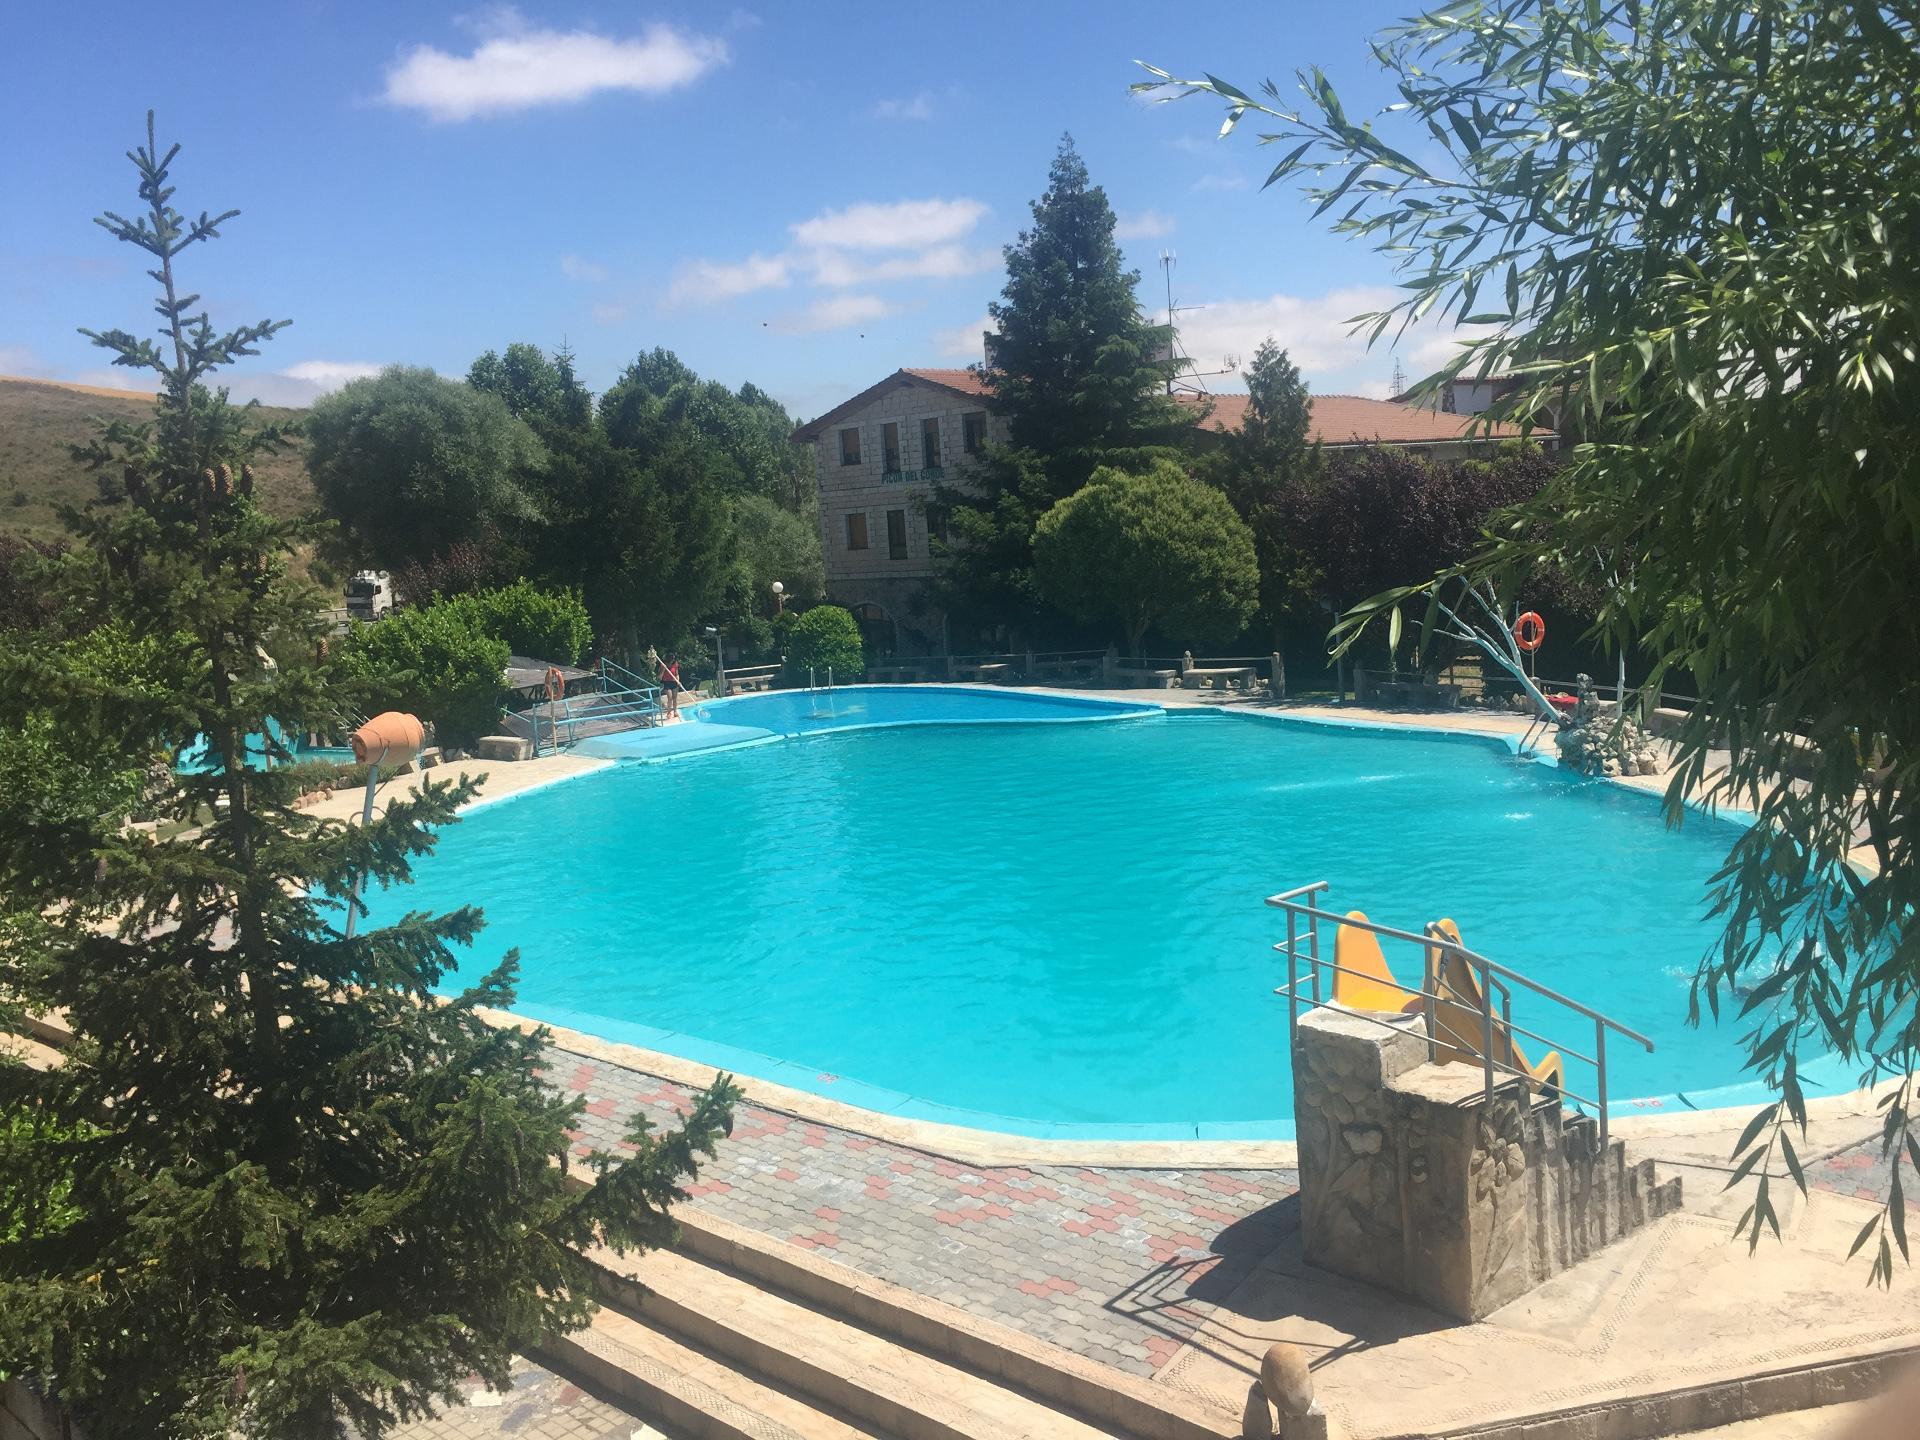 Piscinas piscina romana poliester piscinas las piscinas for Piscinas leon valencia don juan